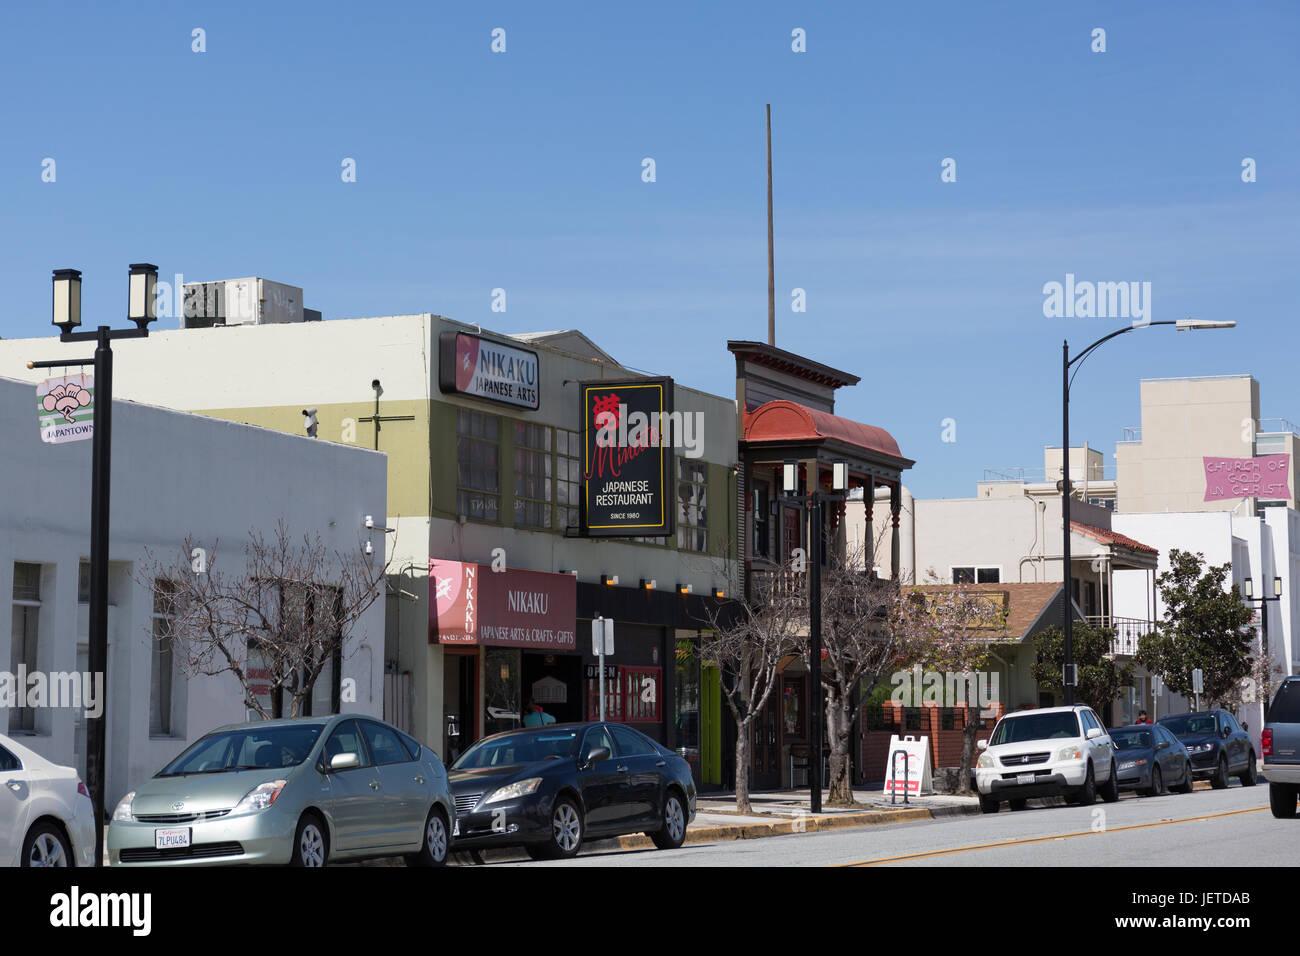 Japantown San Jose Stock Photo 146825459 Alamy